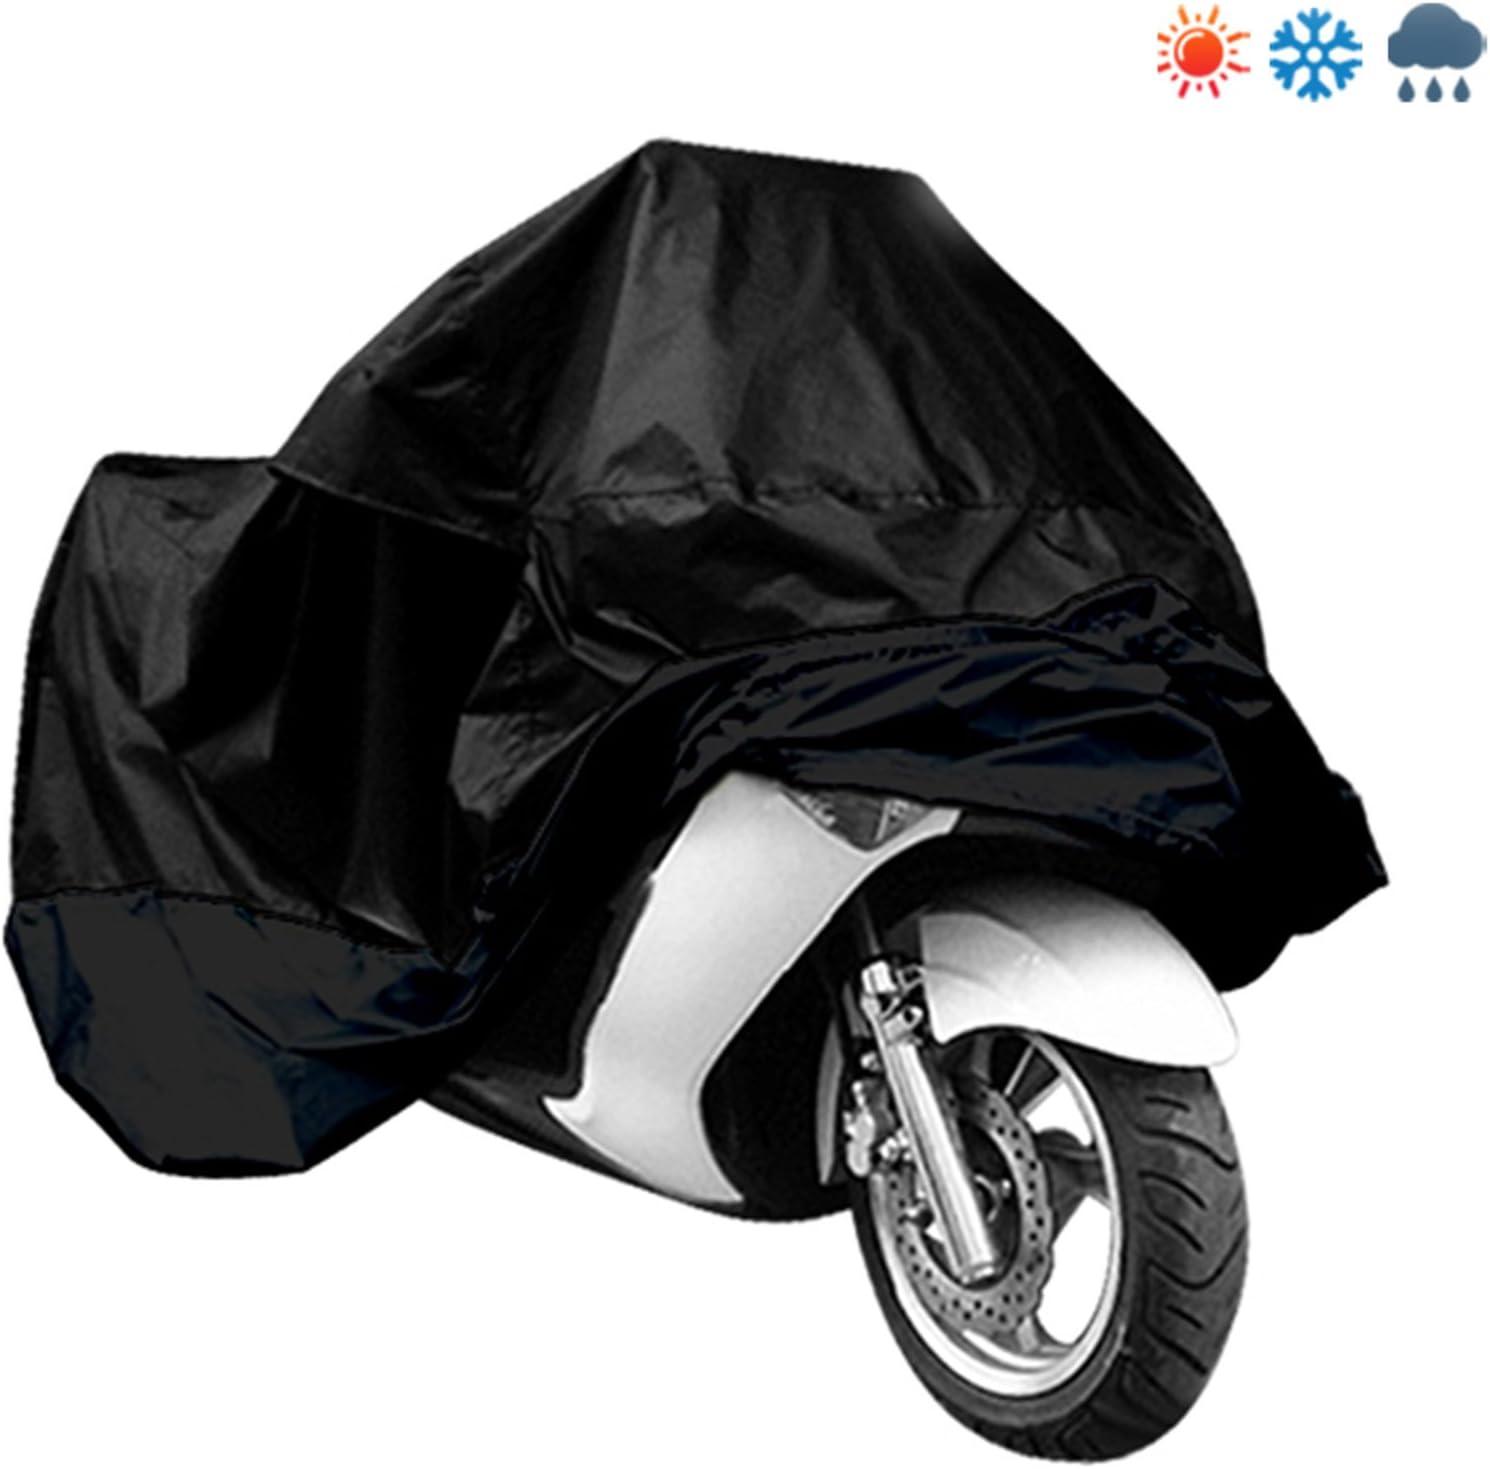 Vadooll Motorradhuelle Schuetzt Vor Regen Staub Sonne Mehrfarbig Ersatz Auto